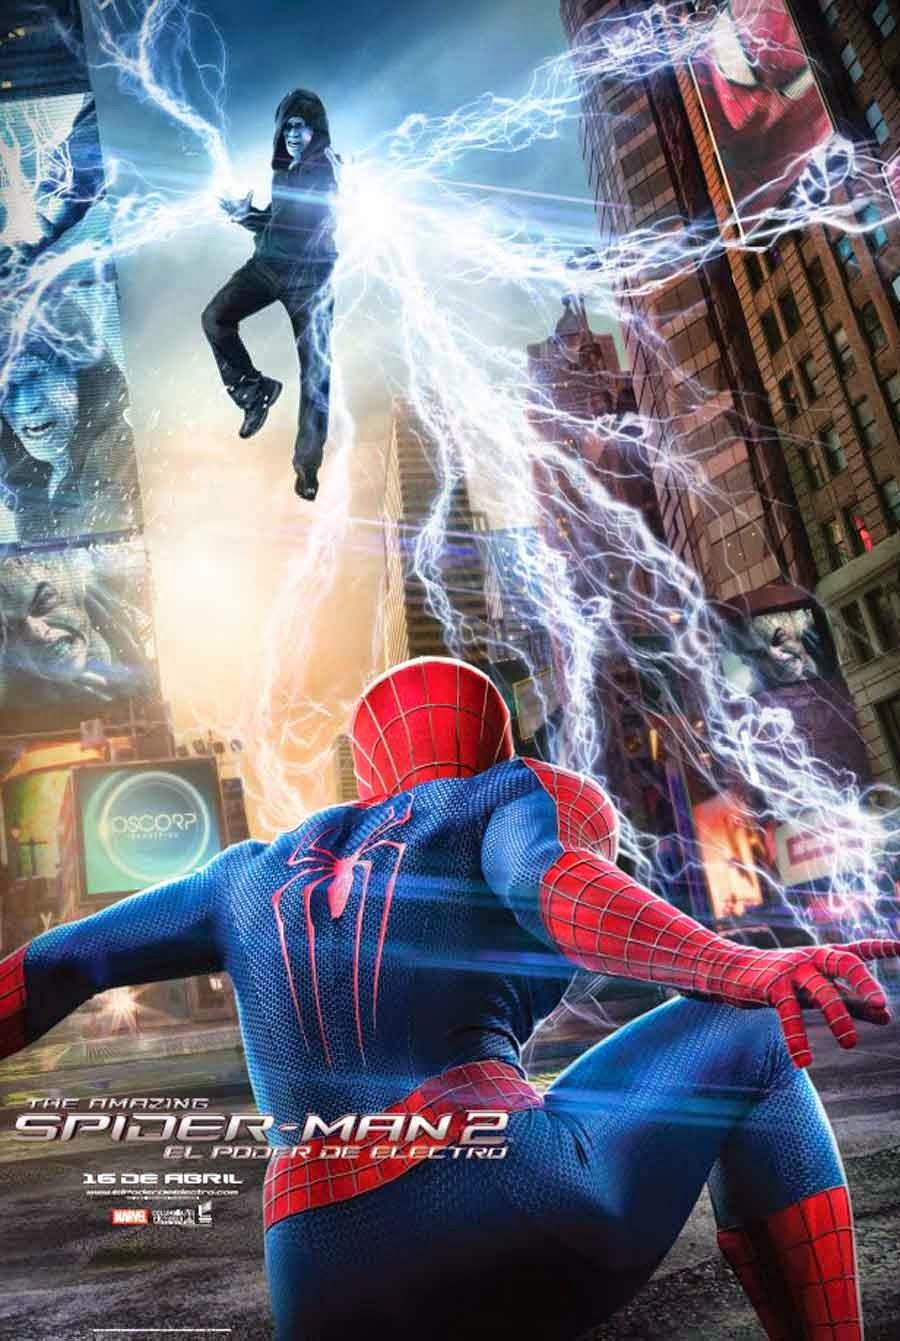 Spider-Man, el zorro con gafas, electro, spiderman 2